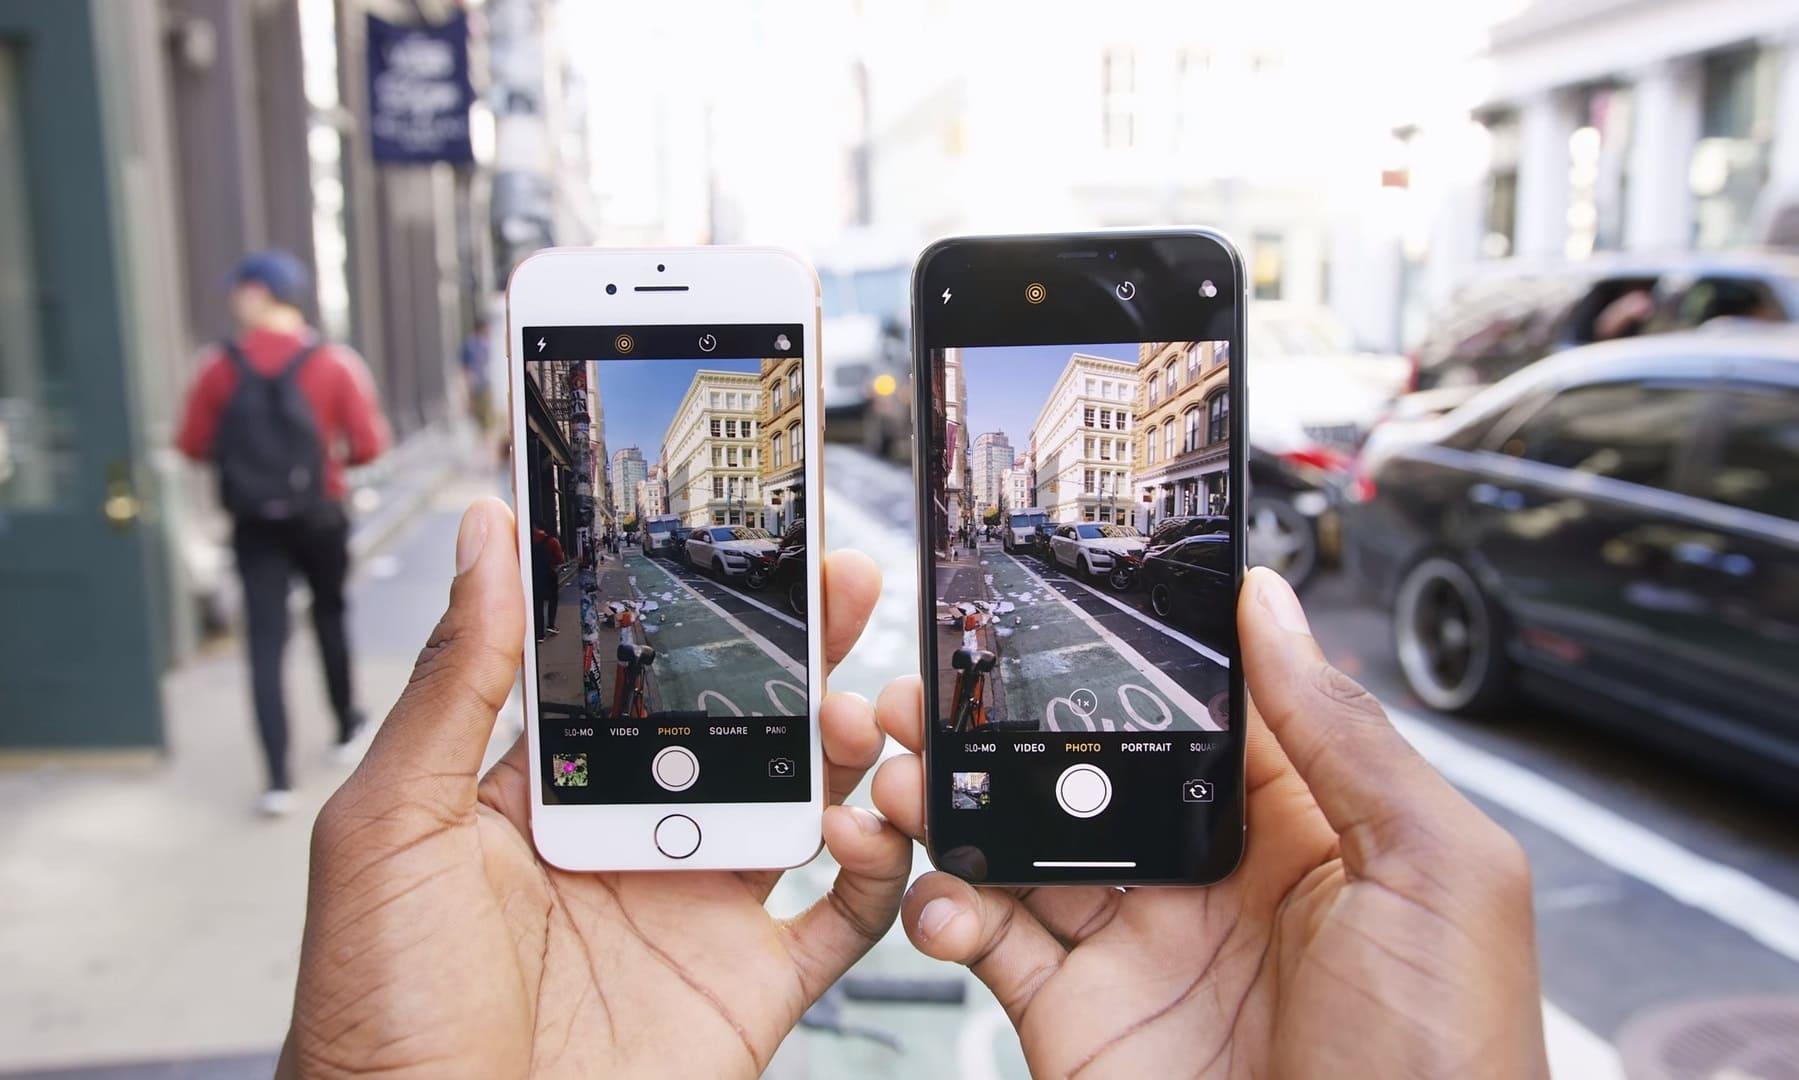 Как настроить камеру на Айфоне